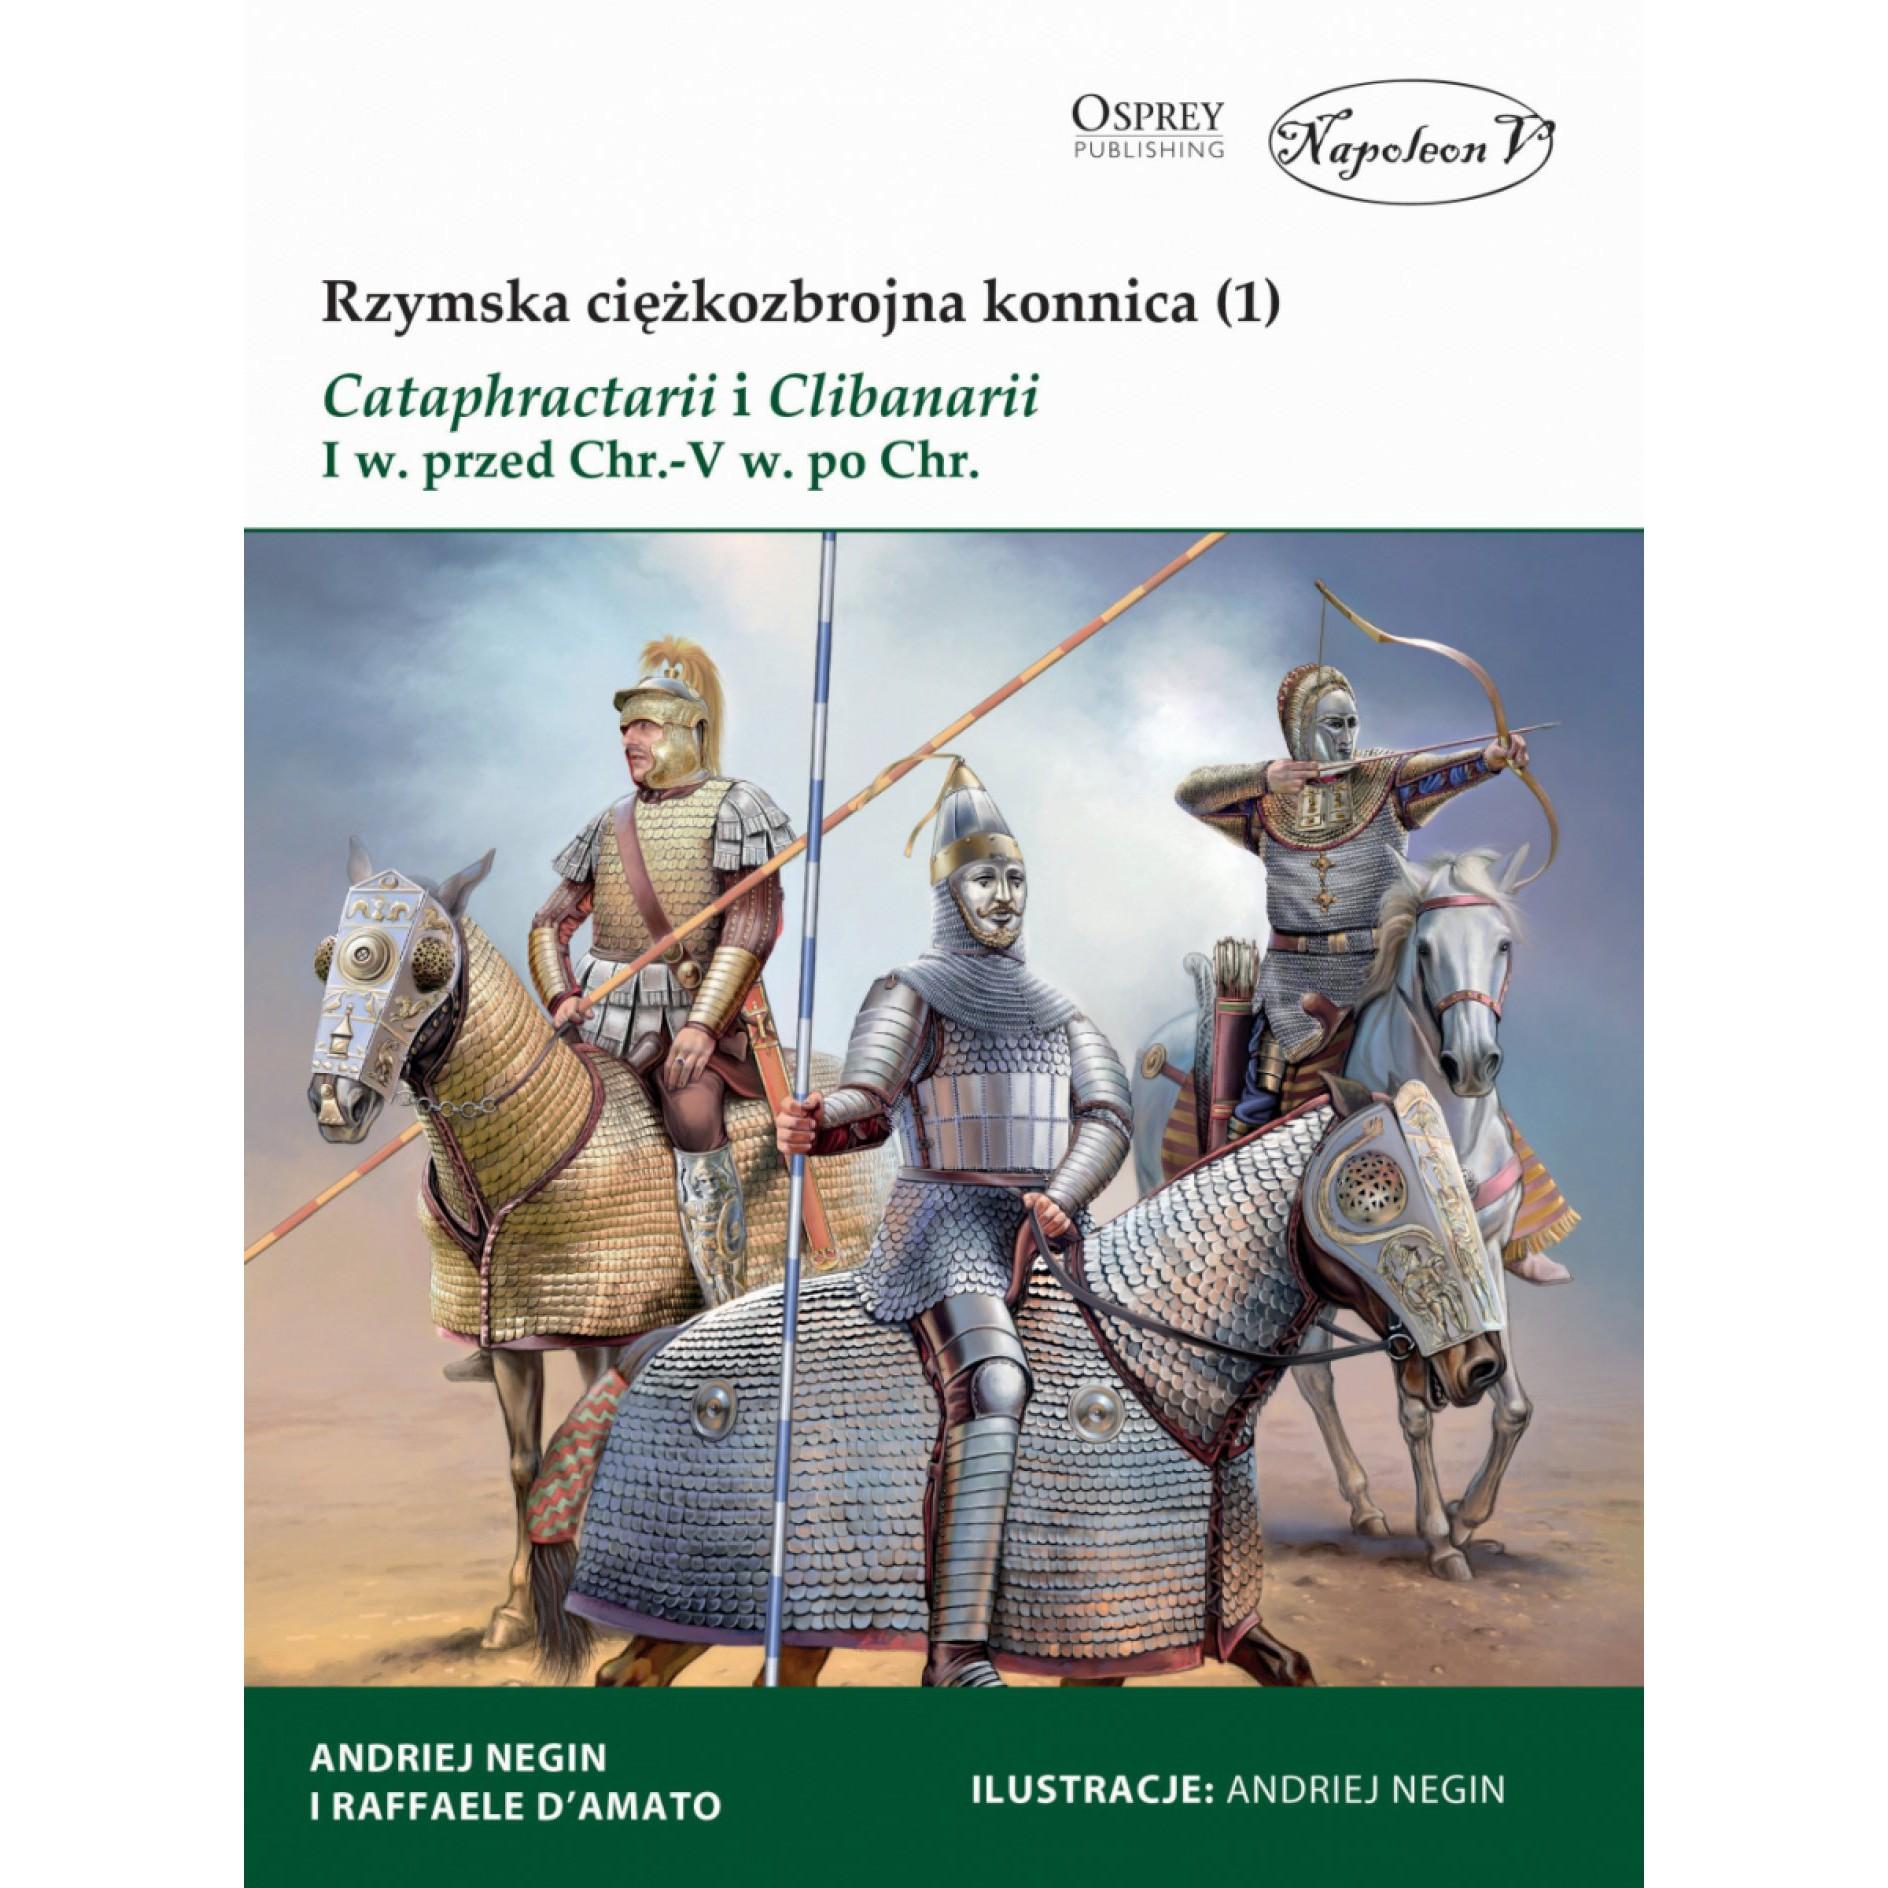 Rzymska ciężkozbrojna konnica (1) Cataphractarii i Clibanarii I w. przed Chr.-V w. po Chr.